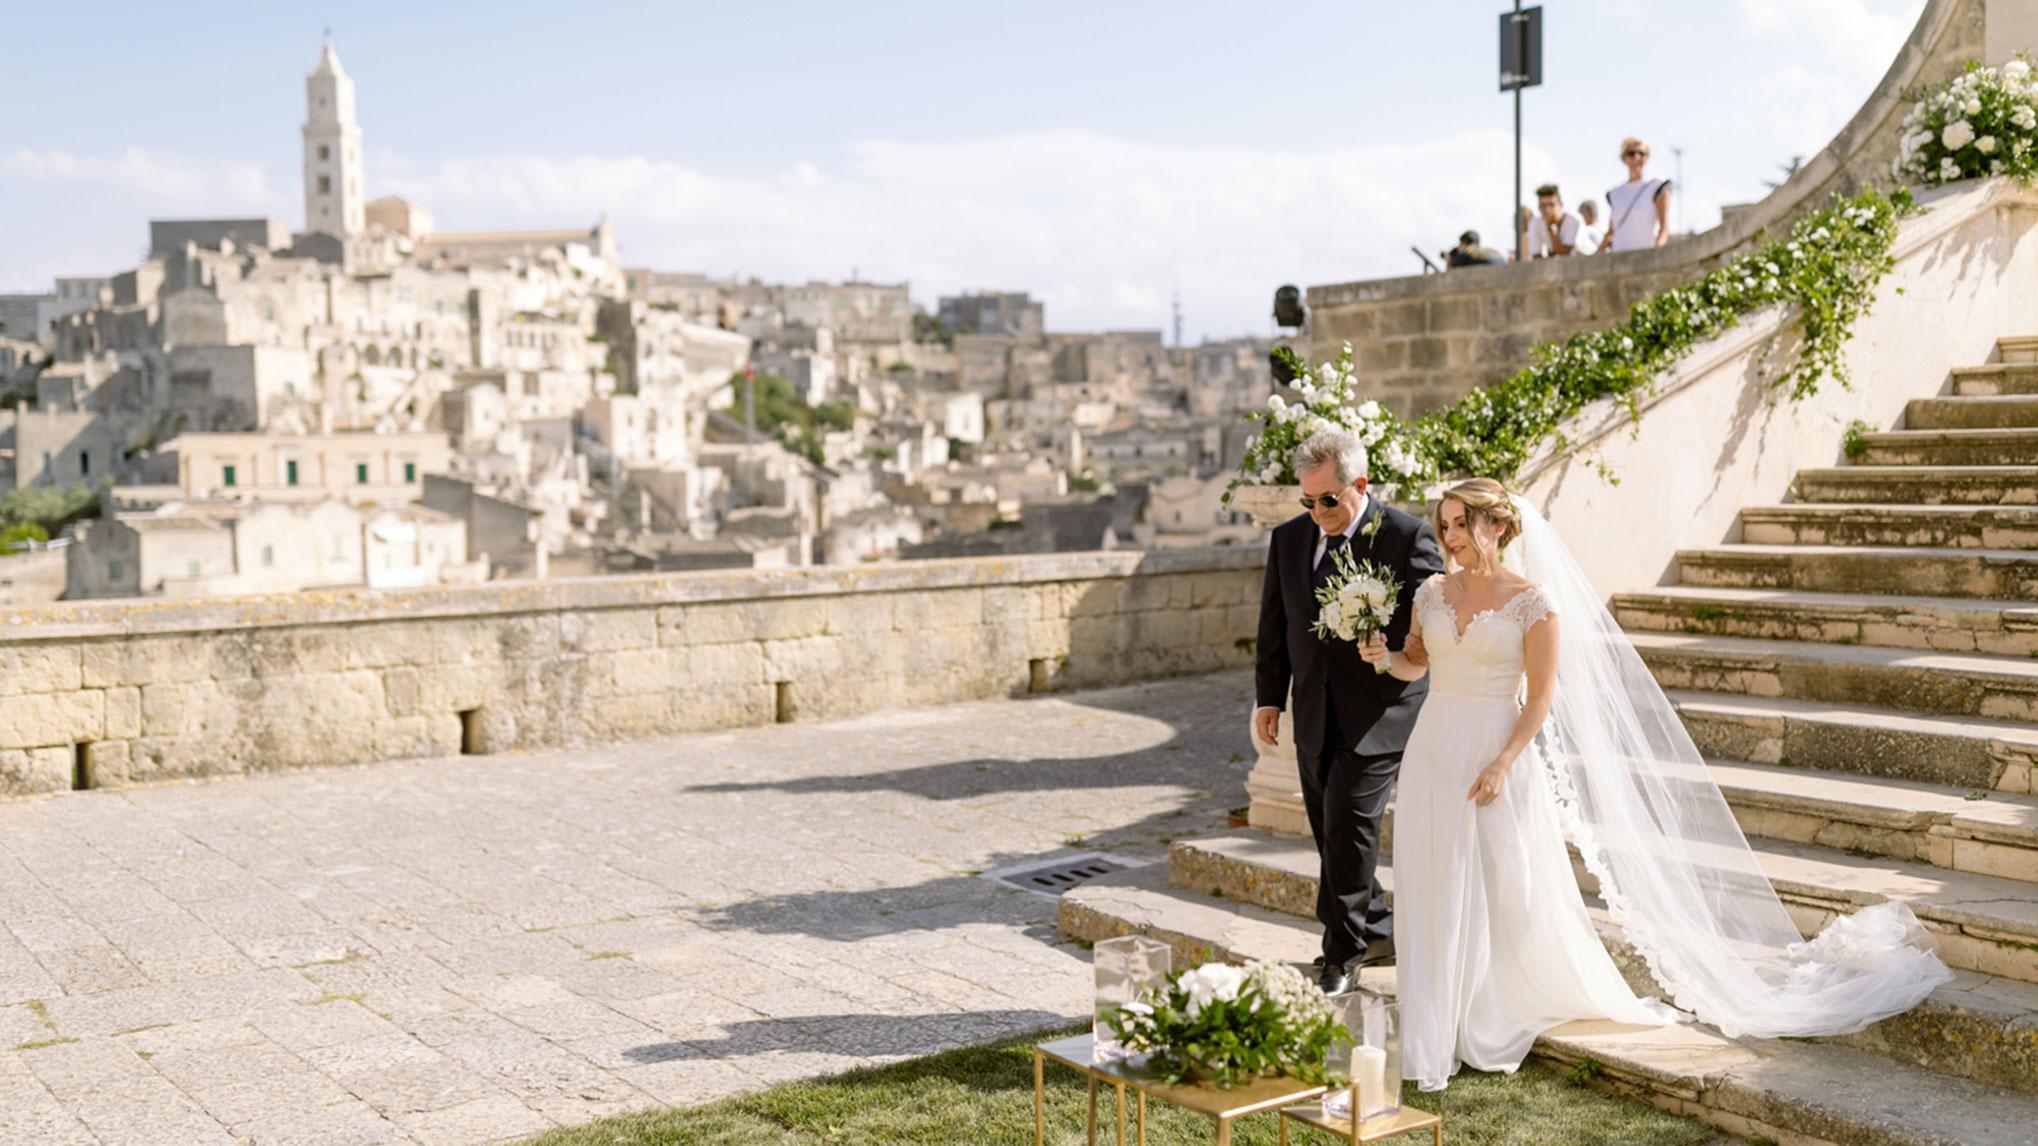 chi-siamo-1-domenica-giorgio-floral-designer-event-wedding-planner-organizzazione-matrimoni-puglia-basilicata